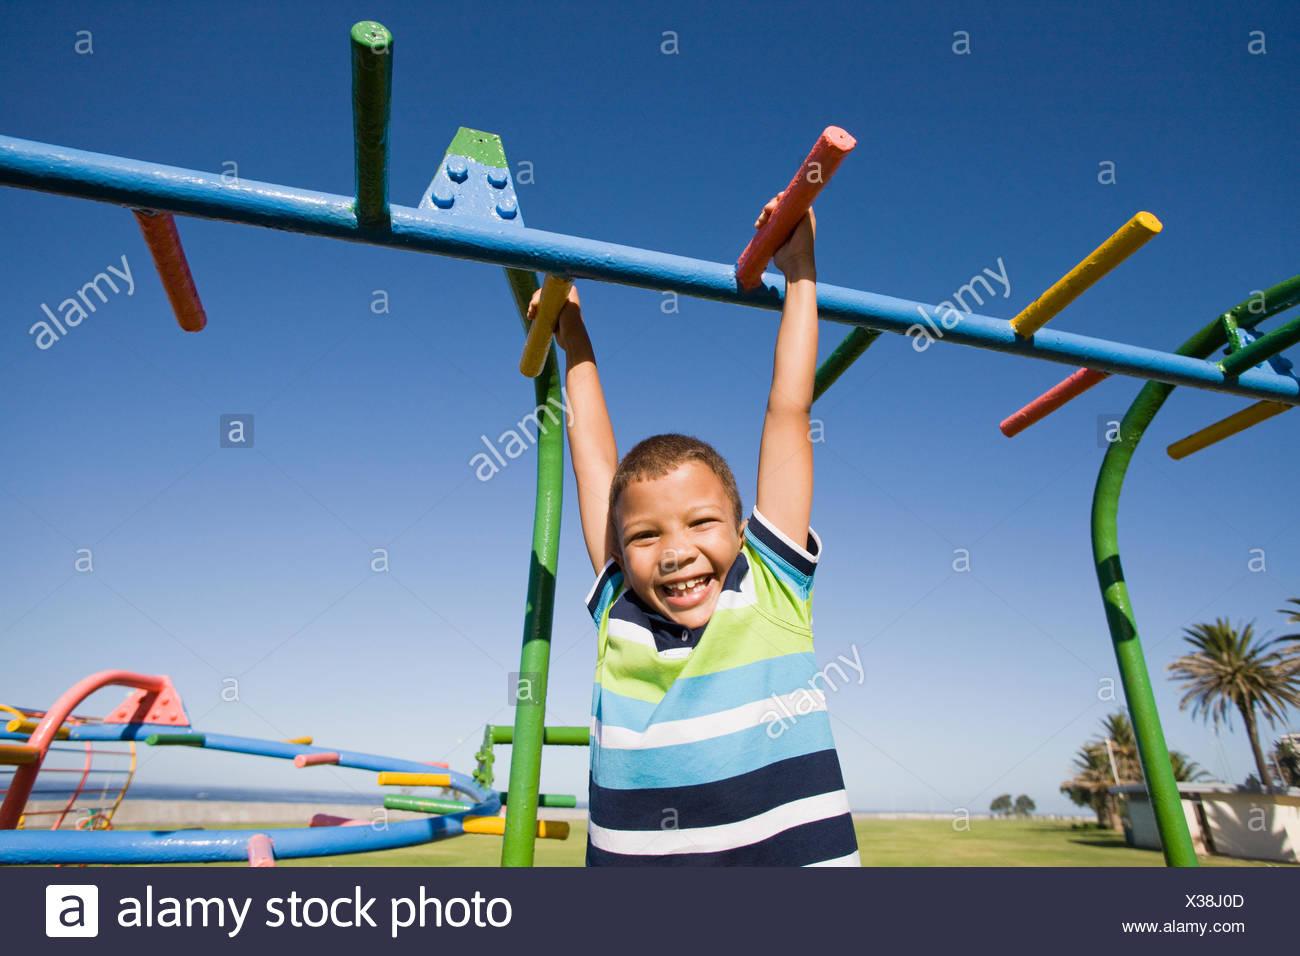 Klettergerüst Am Hang : Young boy hängen klettergerüst durch seine hände zur Übung am